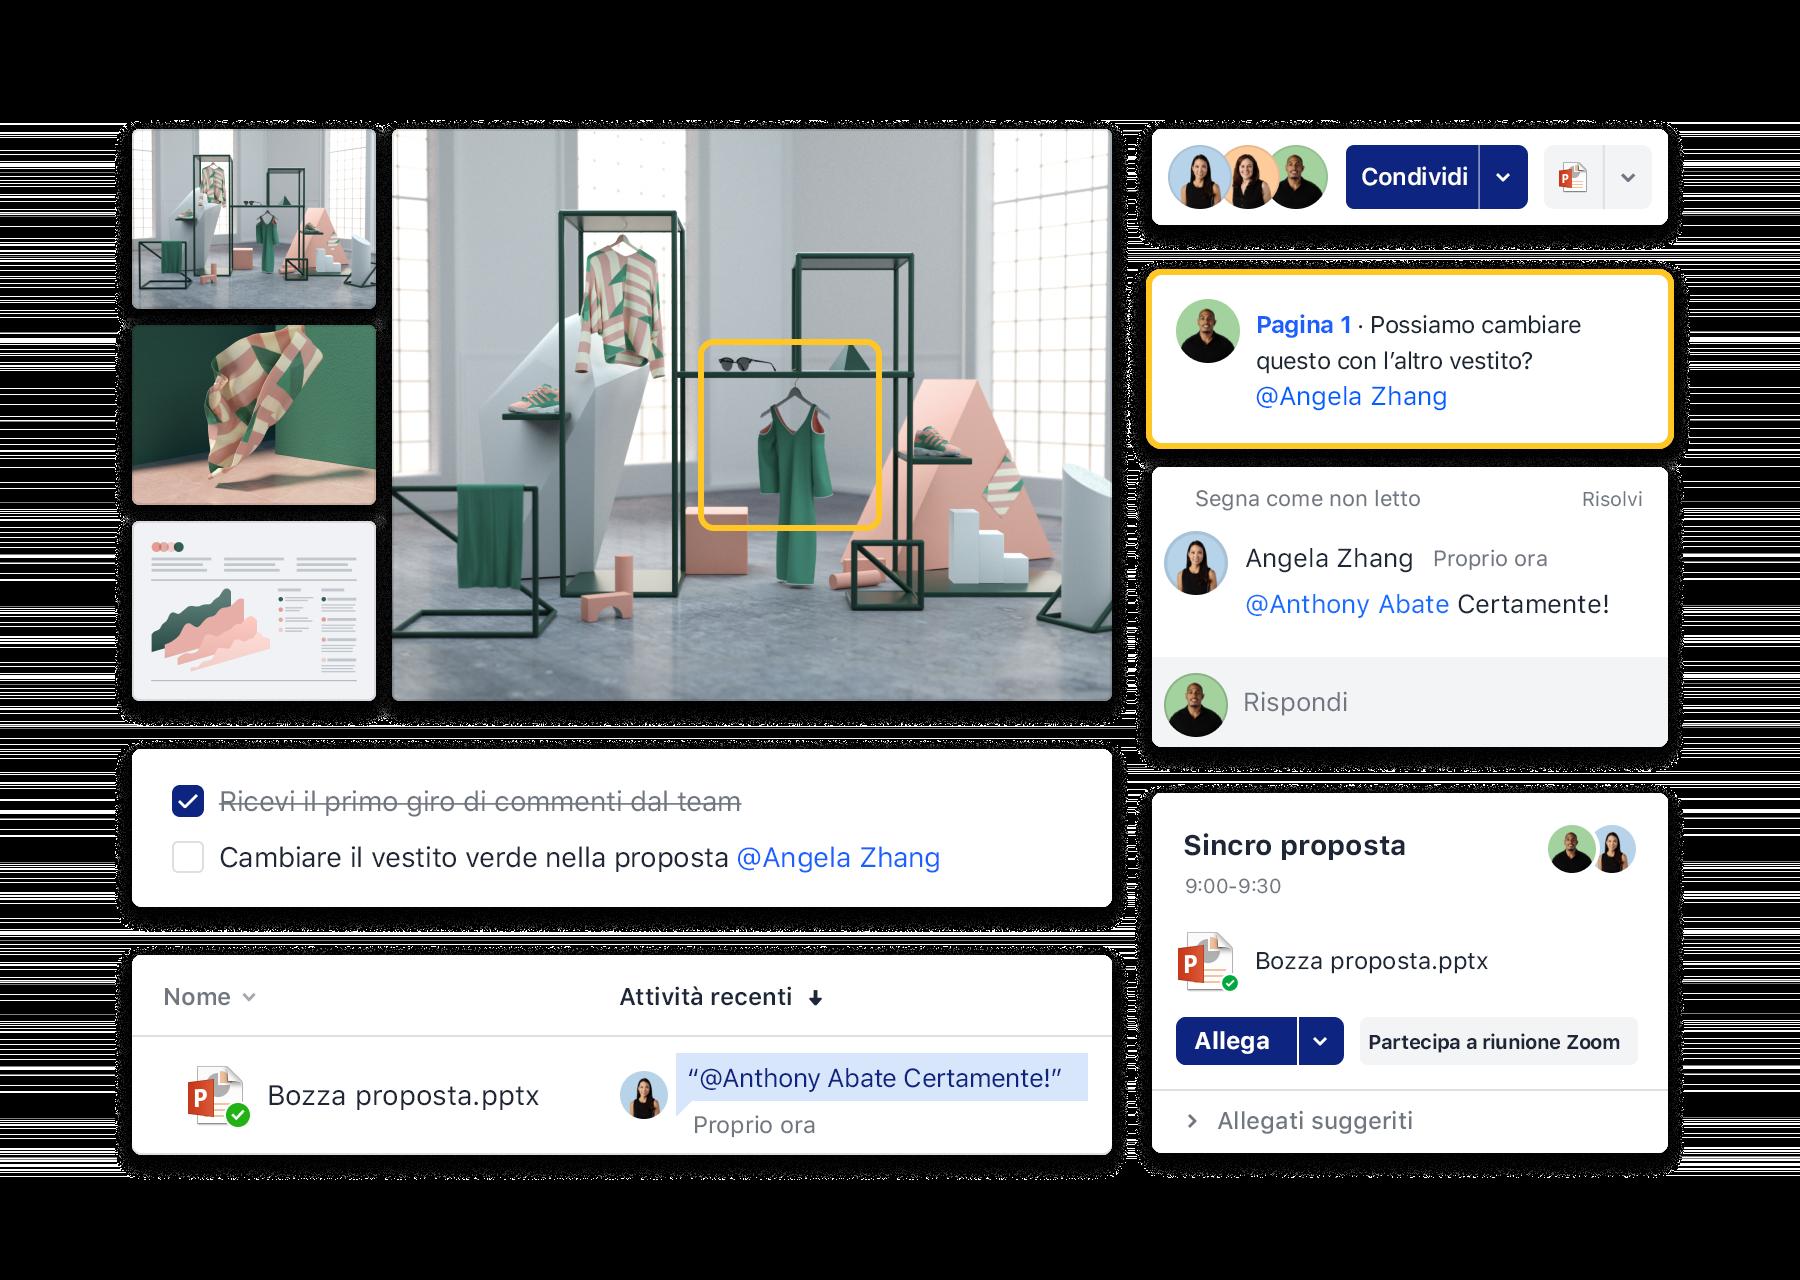 Interfacce di Dropbox per la collaborazione, come aggiunta di commenti, organizzazione riunioni Zoom e utilizzo di elenchi attività.